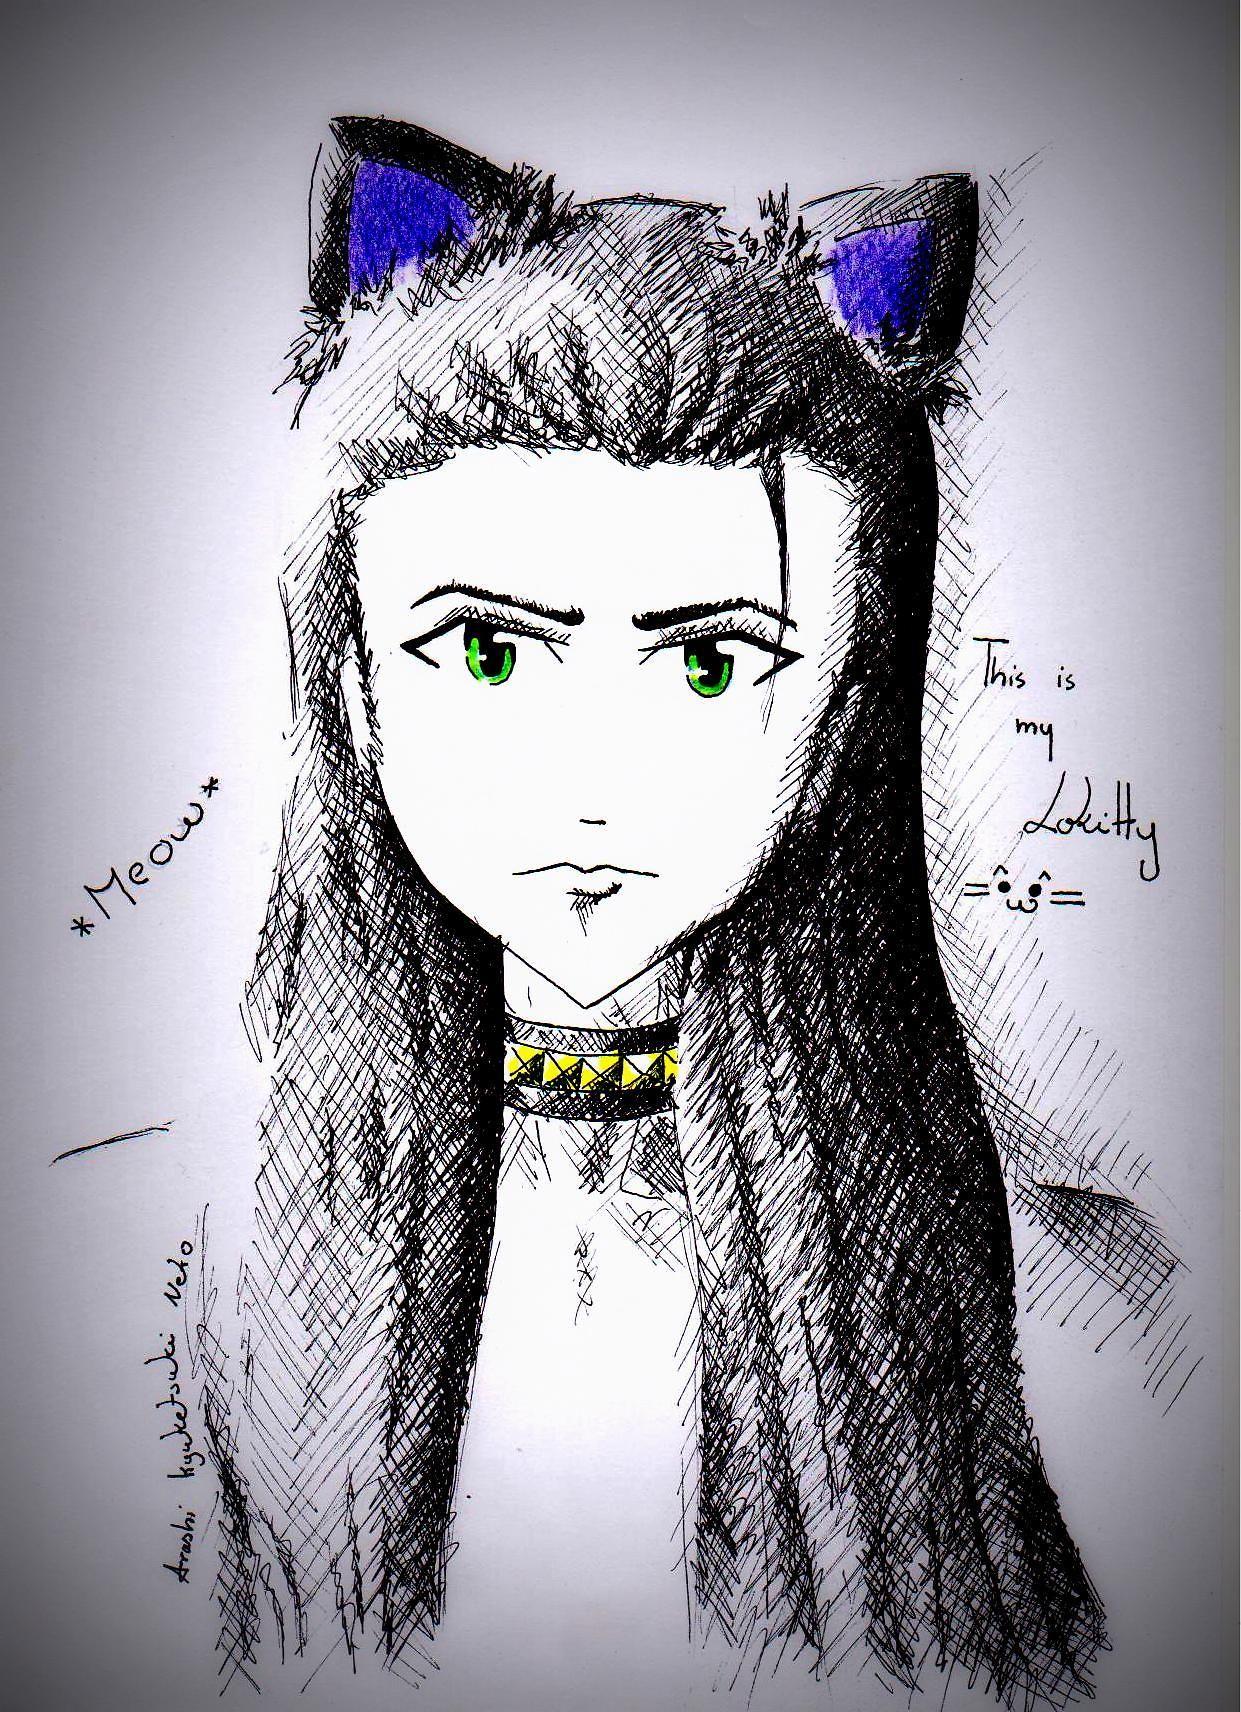 I drew picture of my cute friend :)